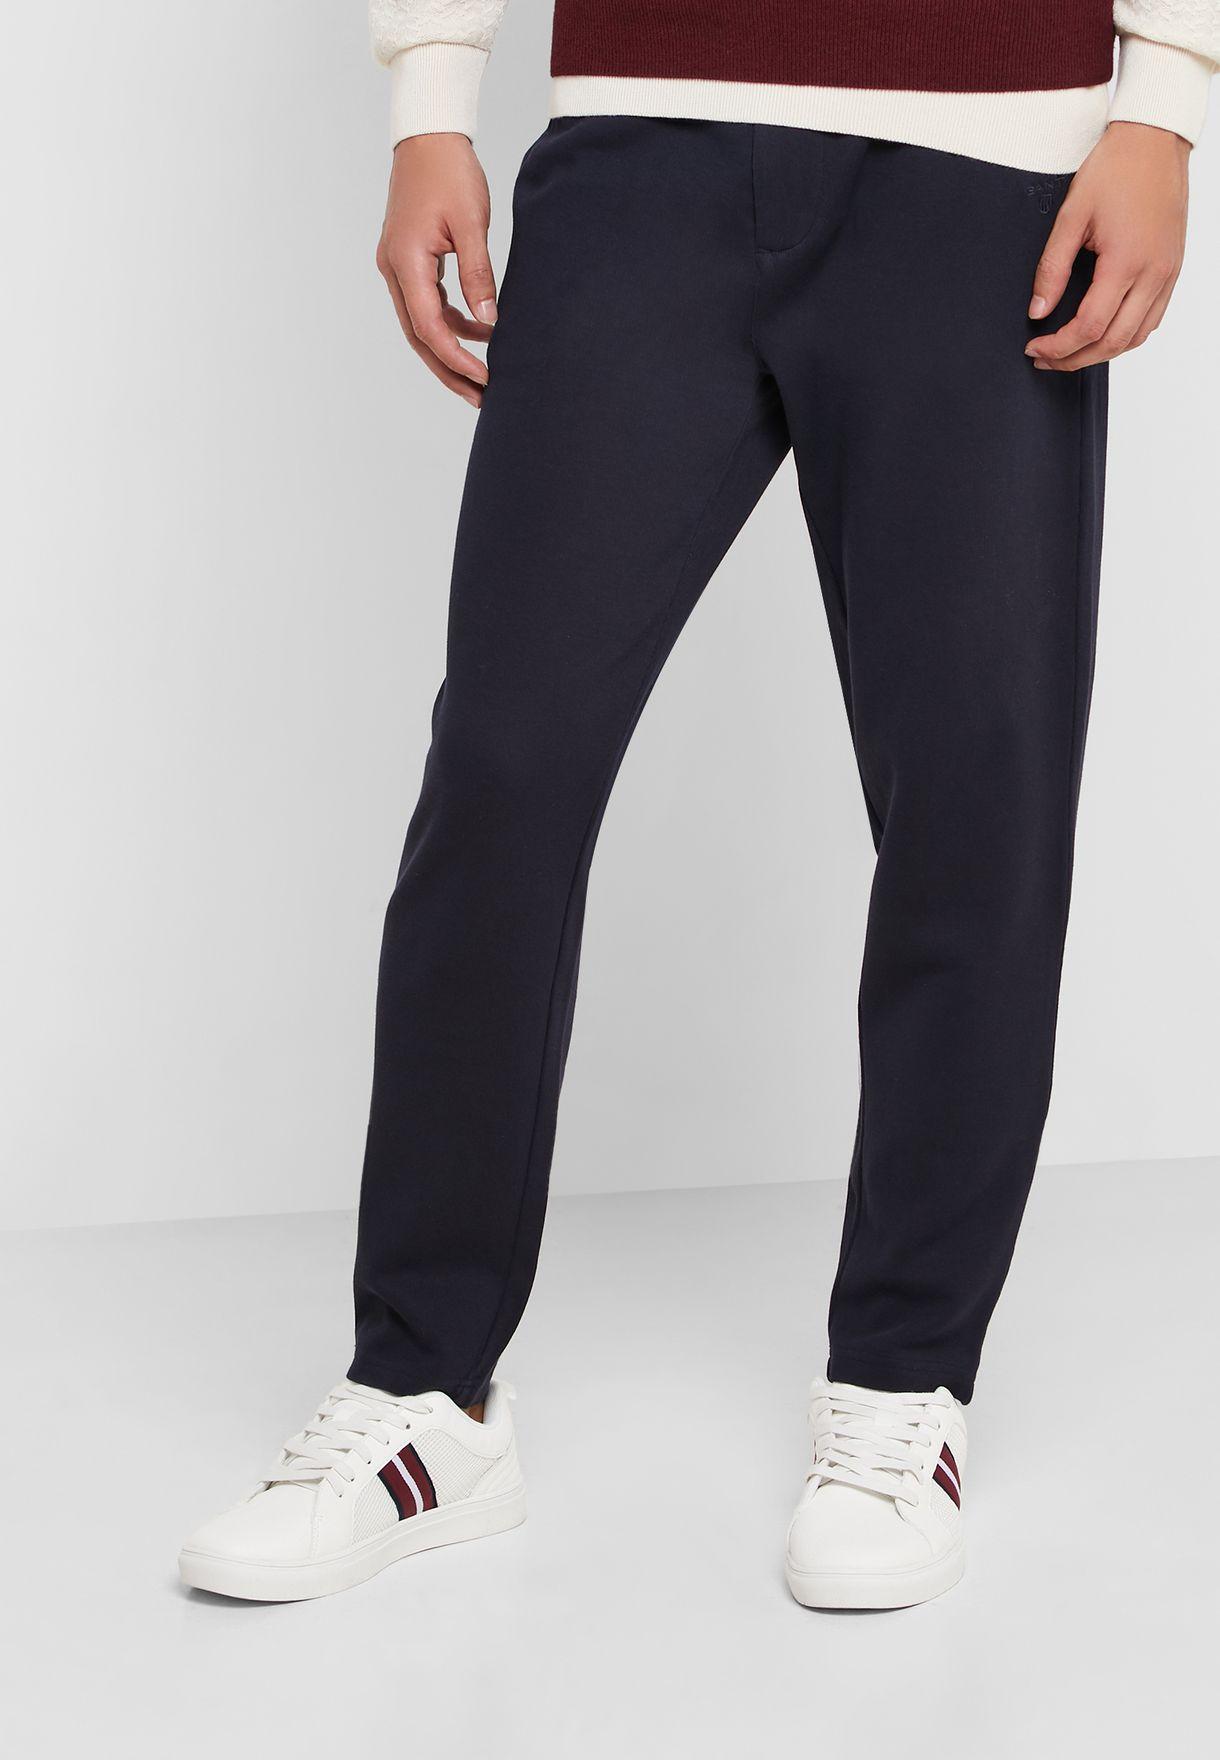 Sacker Ribbed Pants